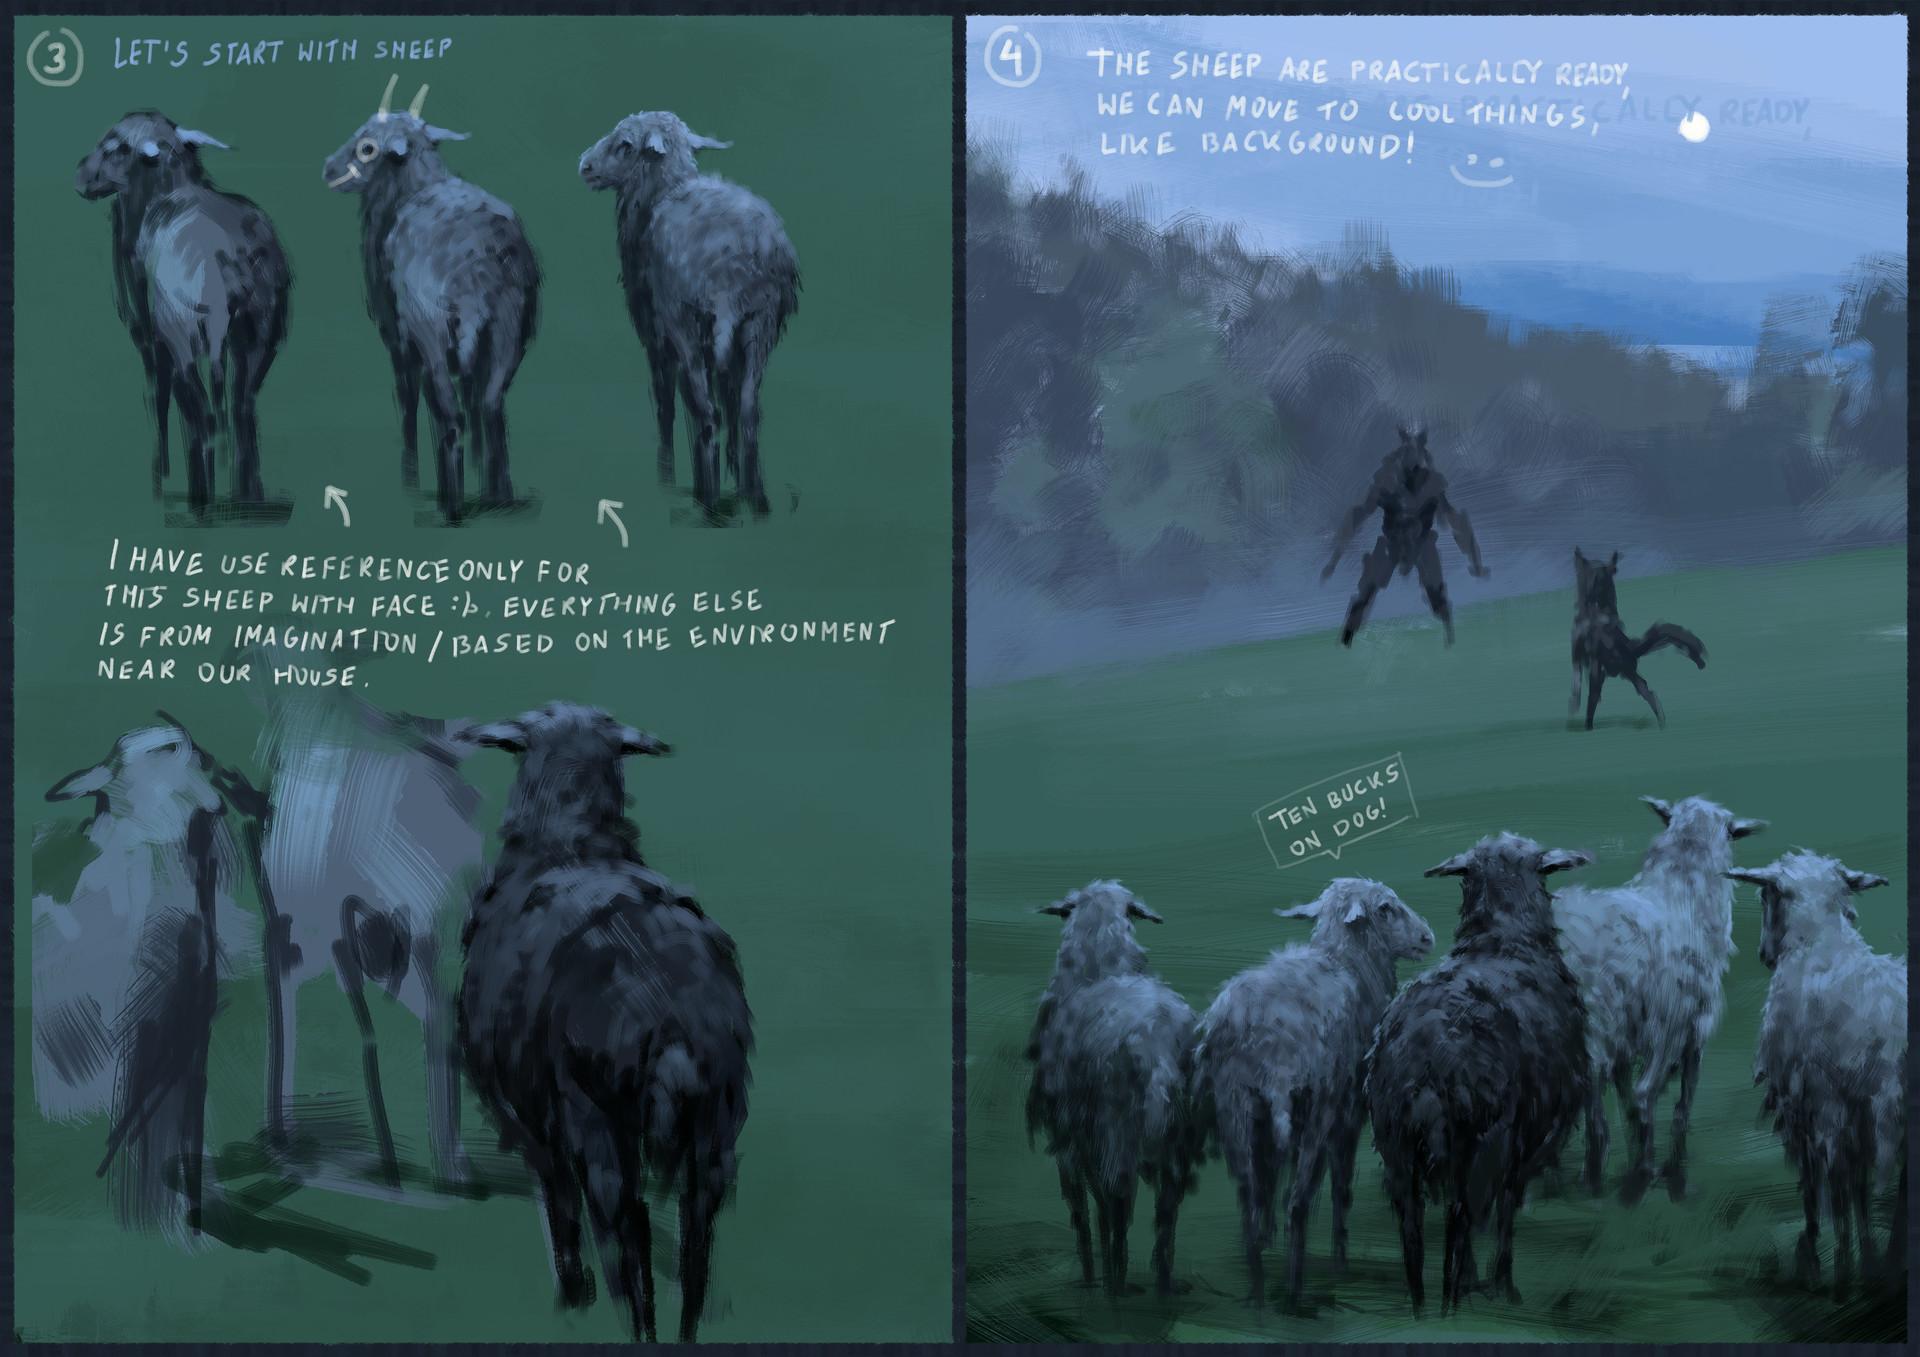 Jakub rozalski wilk syty owca cala process02